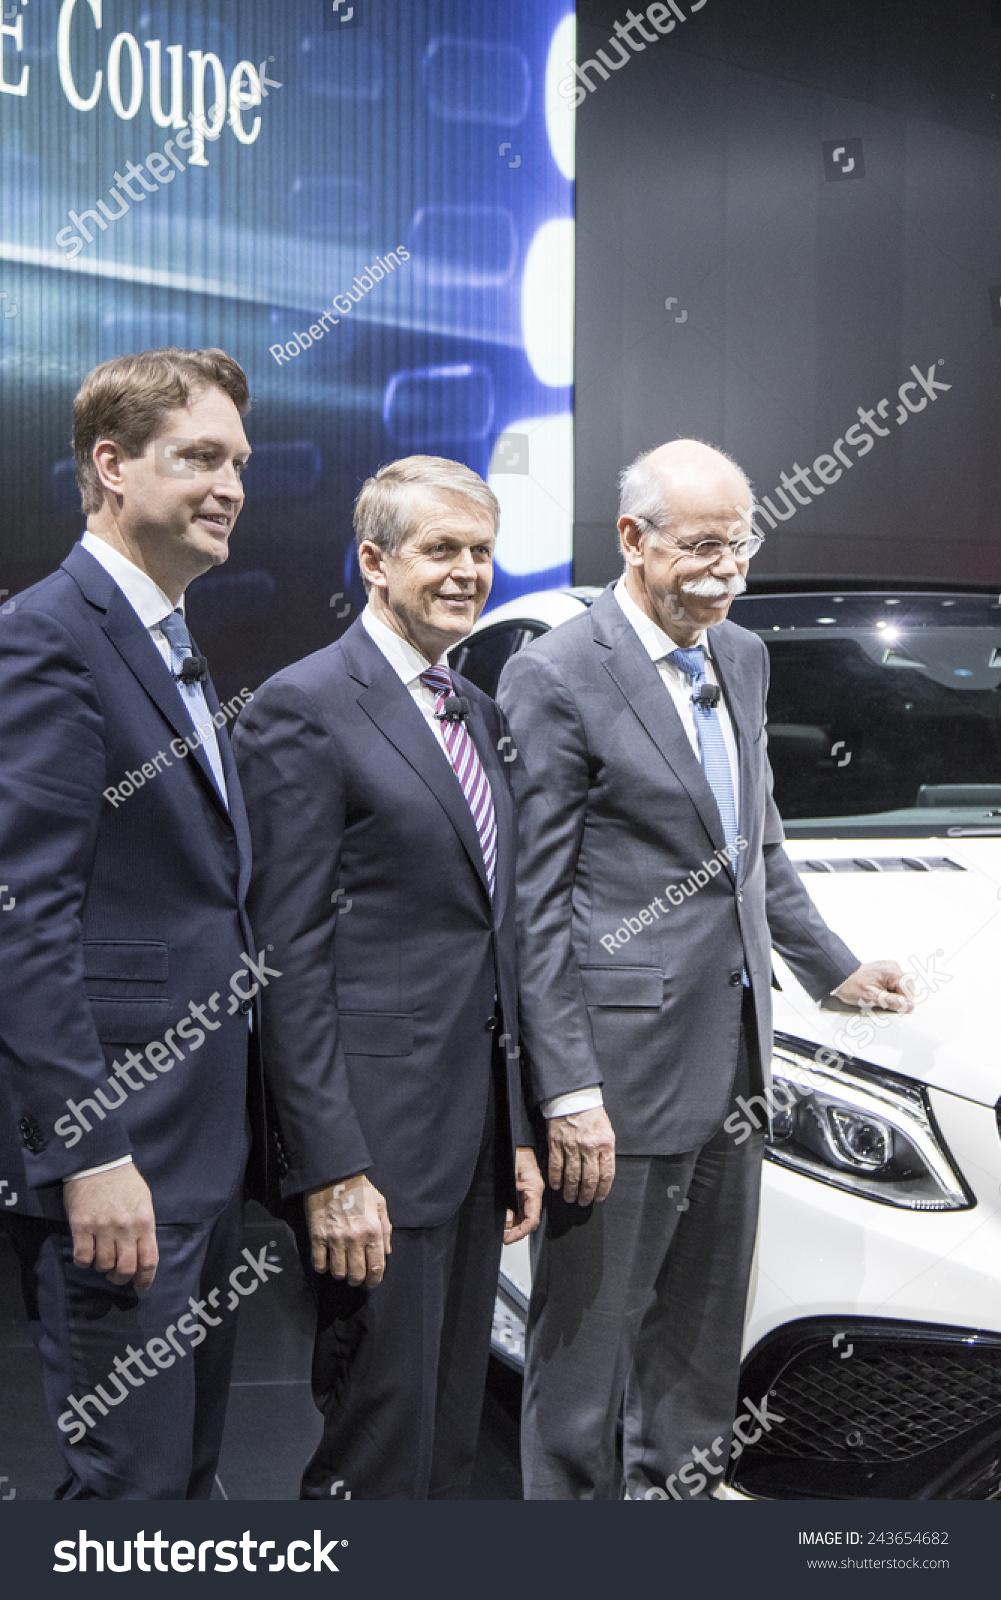 Mercedesbenz ceo dieter zetsche thomas weber stock photo for Mercedes benz ceo